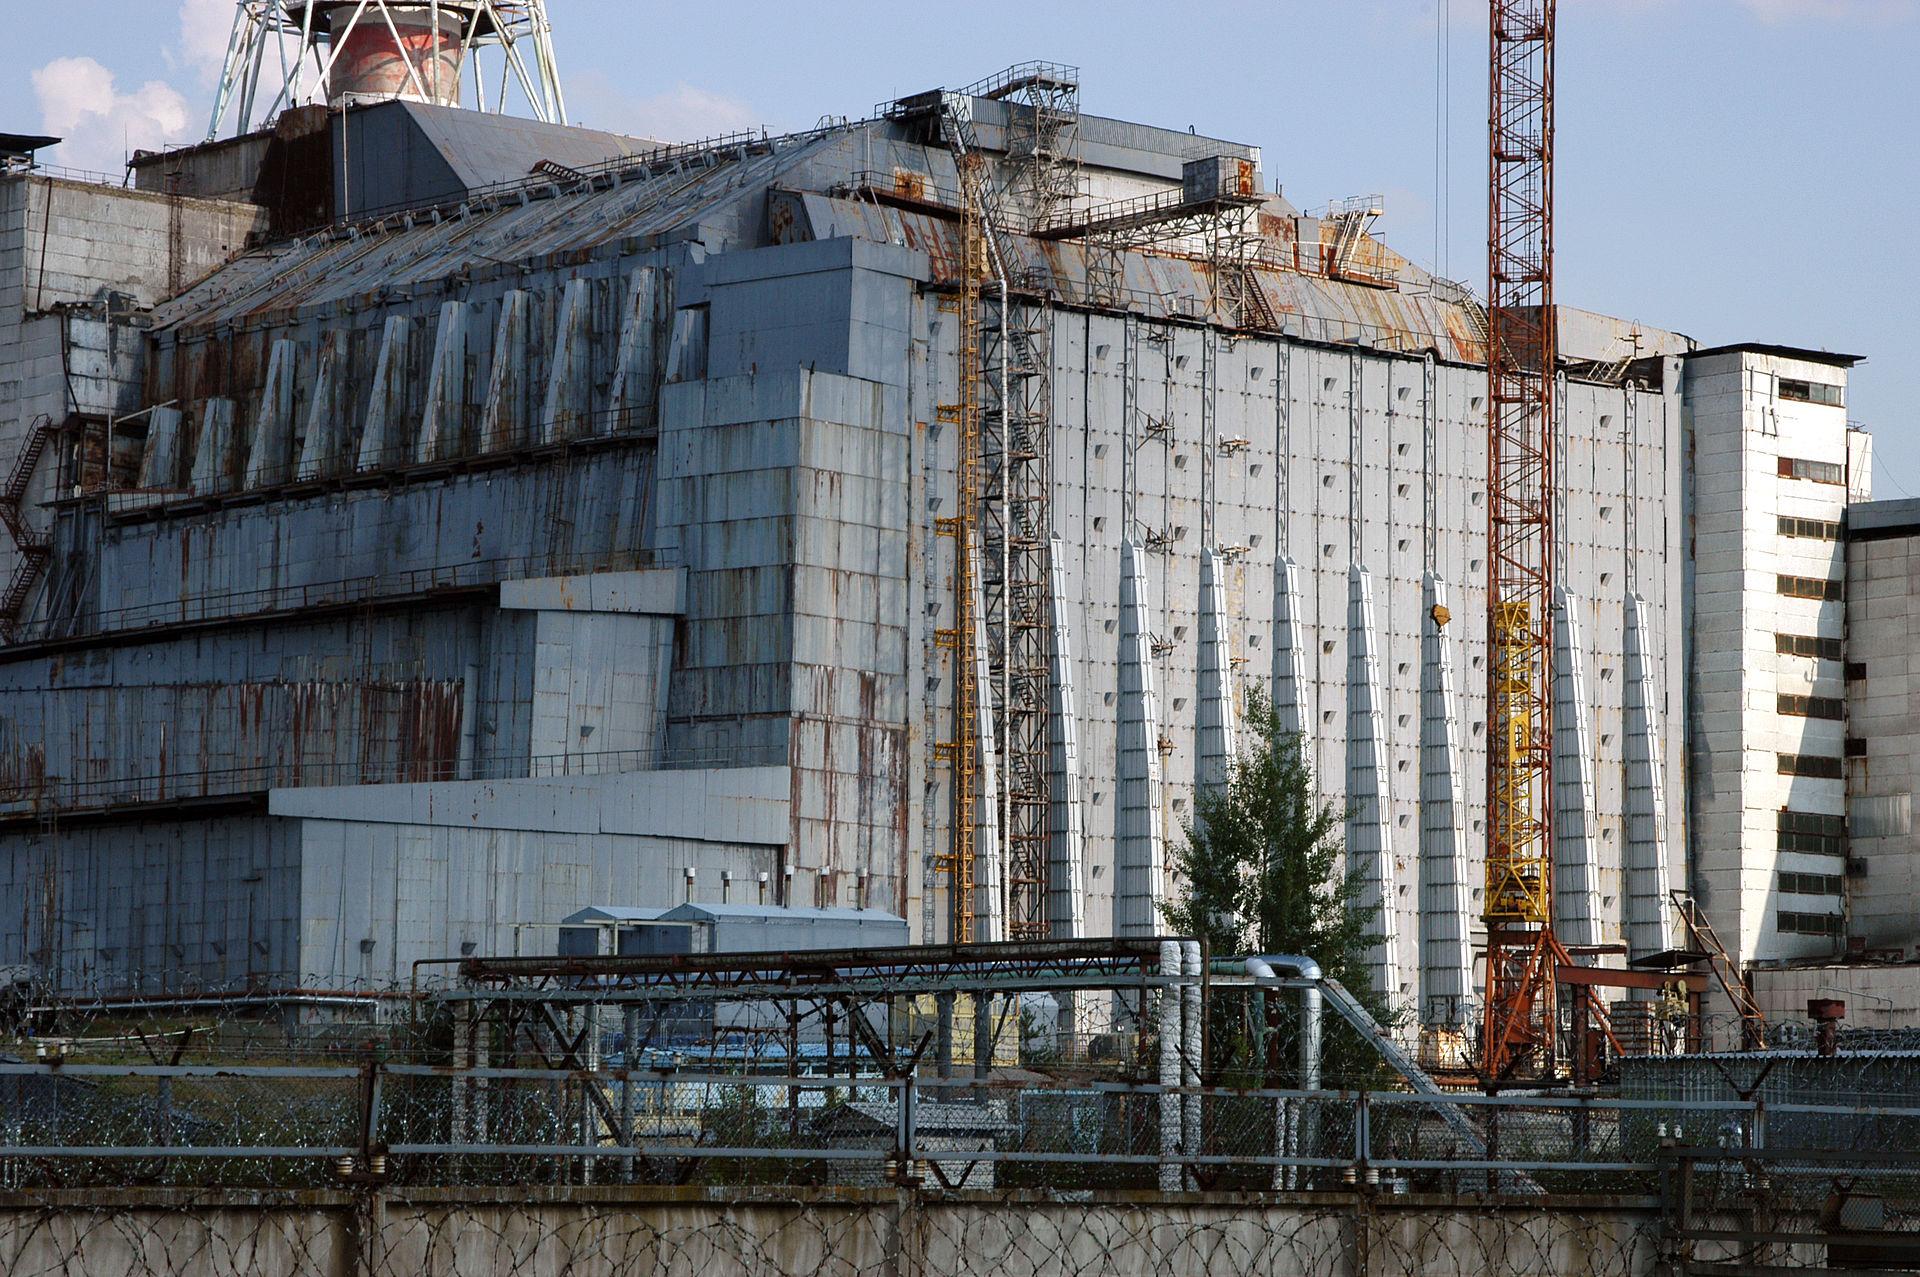 Vuonna 2005 otetussa kuvassa näkyy voimalan suojakuori.